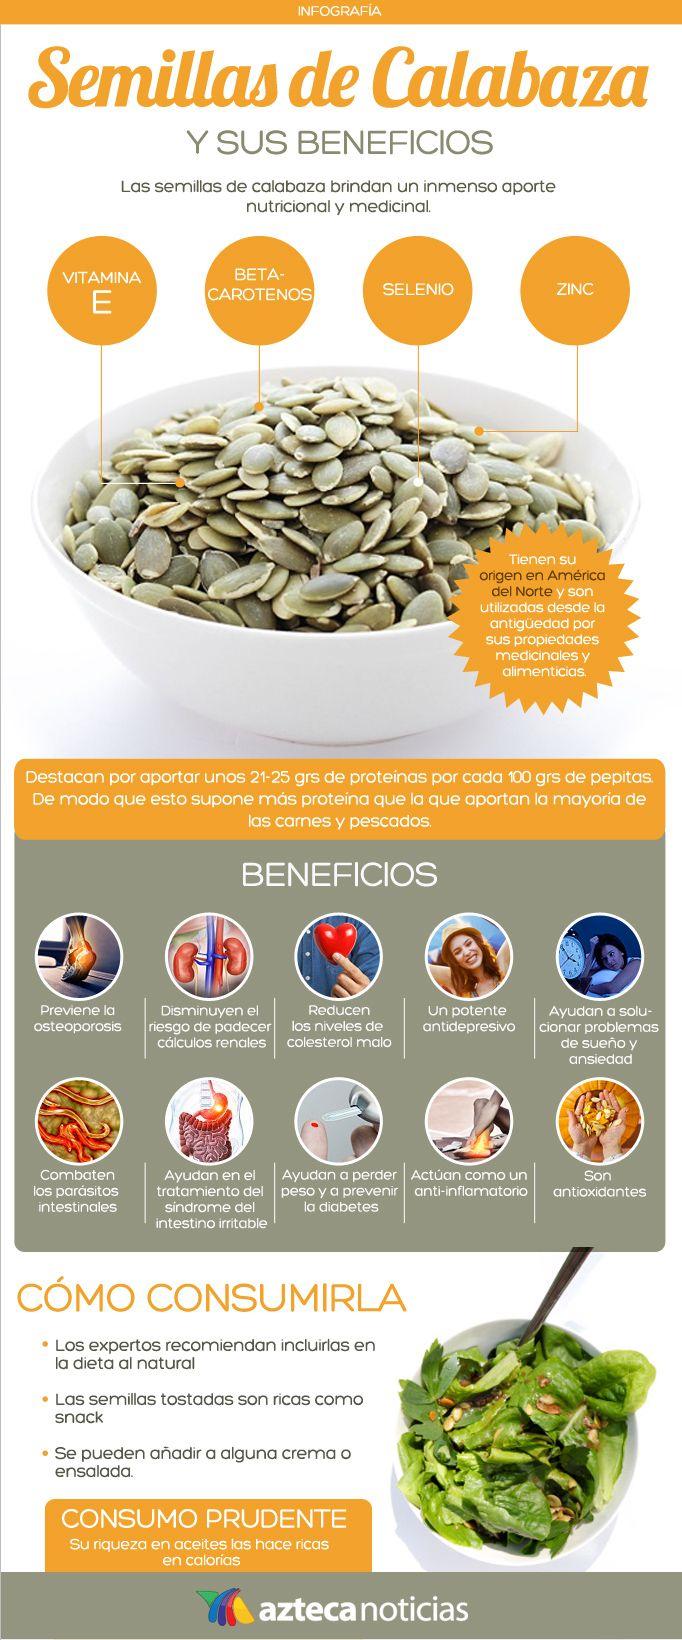 ¿Cuántas semillas de calabaza como parásitos?